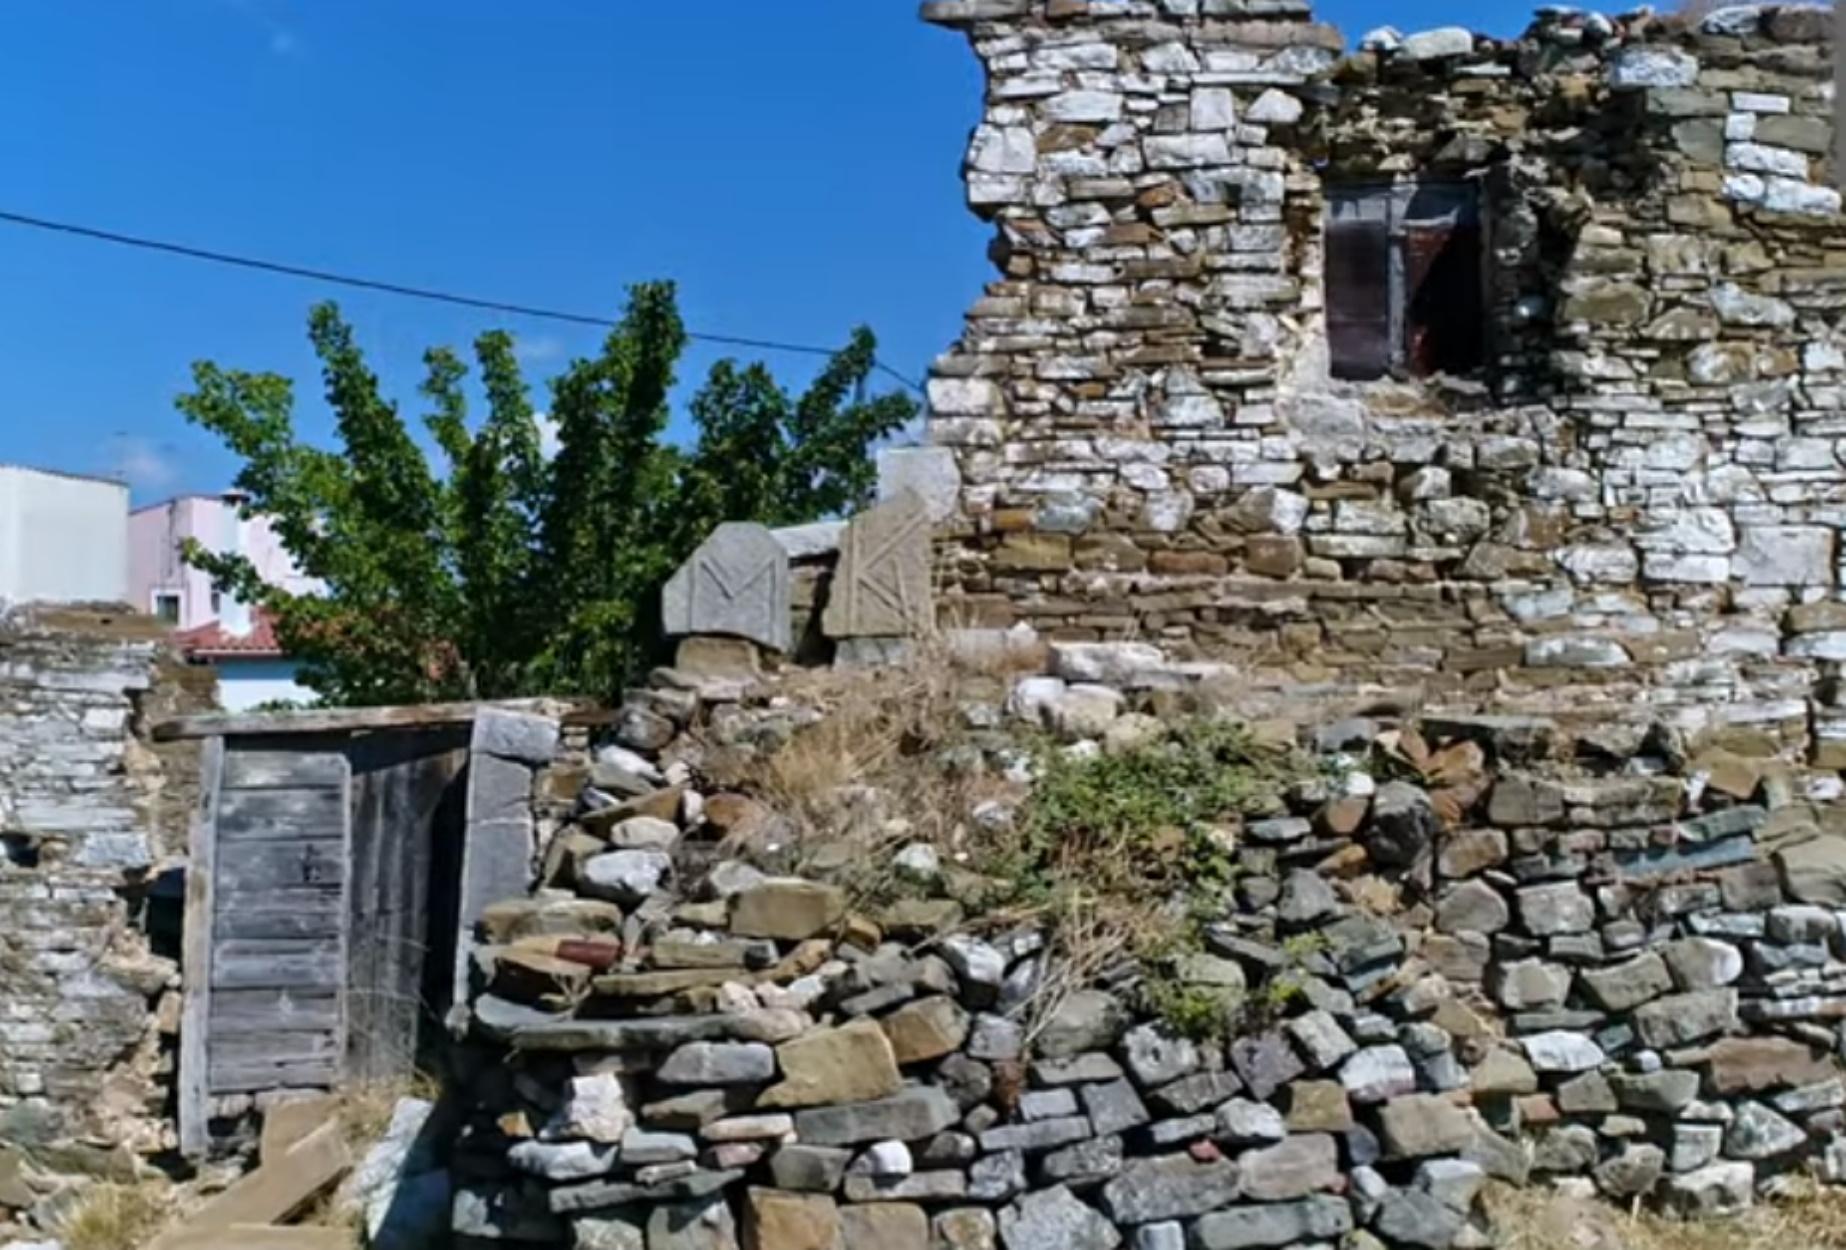 Αυτό είναι το άγνωστο πατρικό σπίτι της Μαρίας Κάλλας στη Μεσσηνία